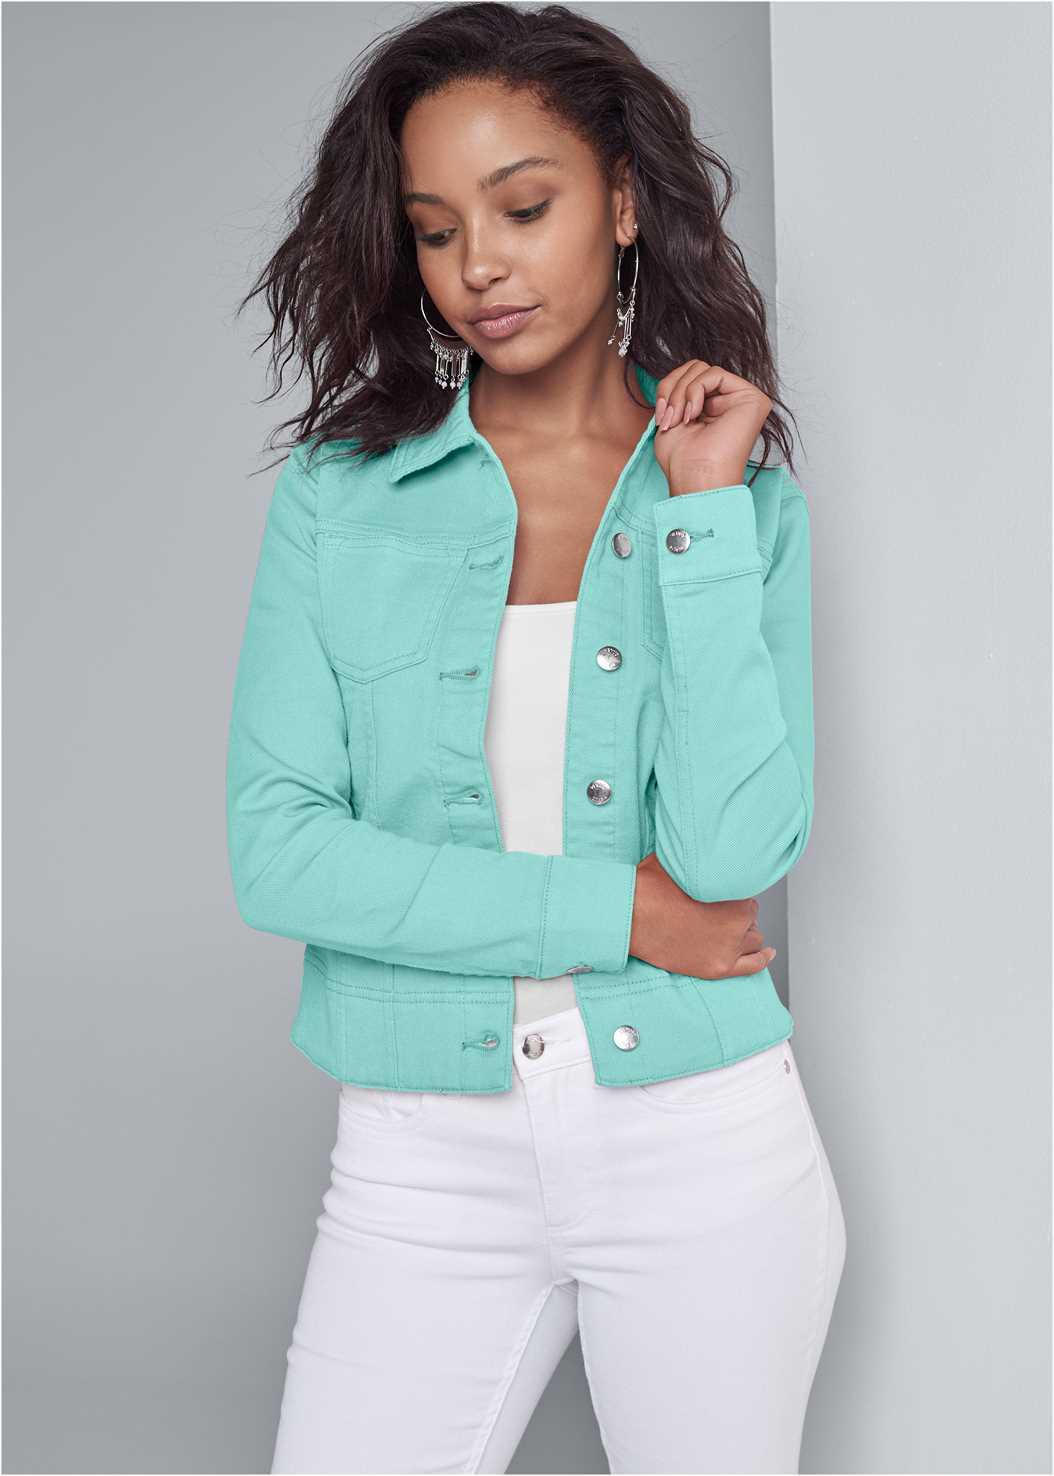 Jean Jacket,Basic Cami Two Pack,Mid Rise Color Skinny Jeans,Tassel Hoop Earrings